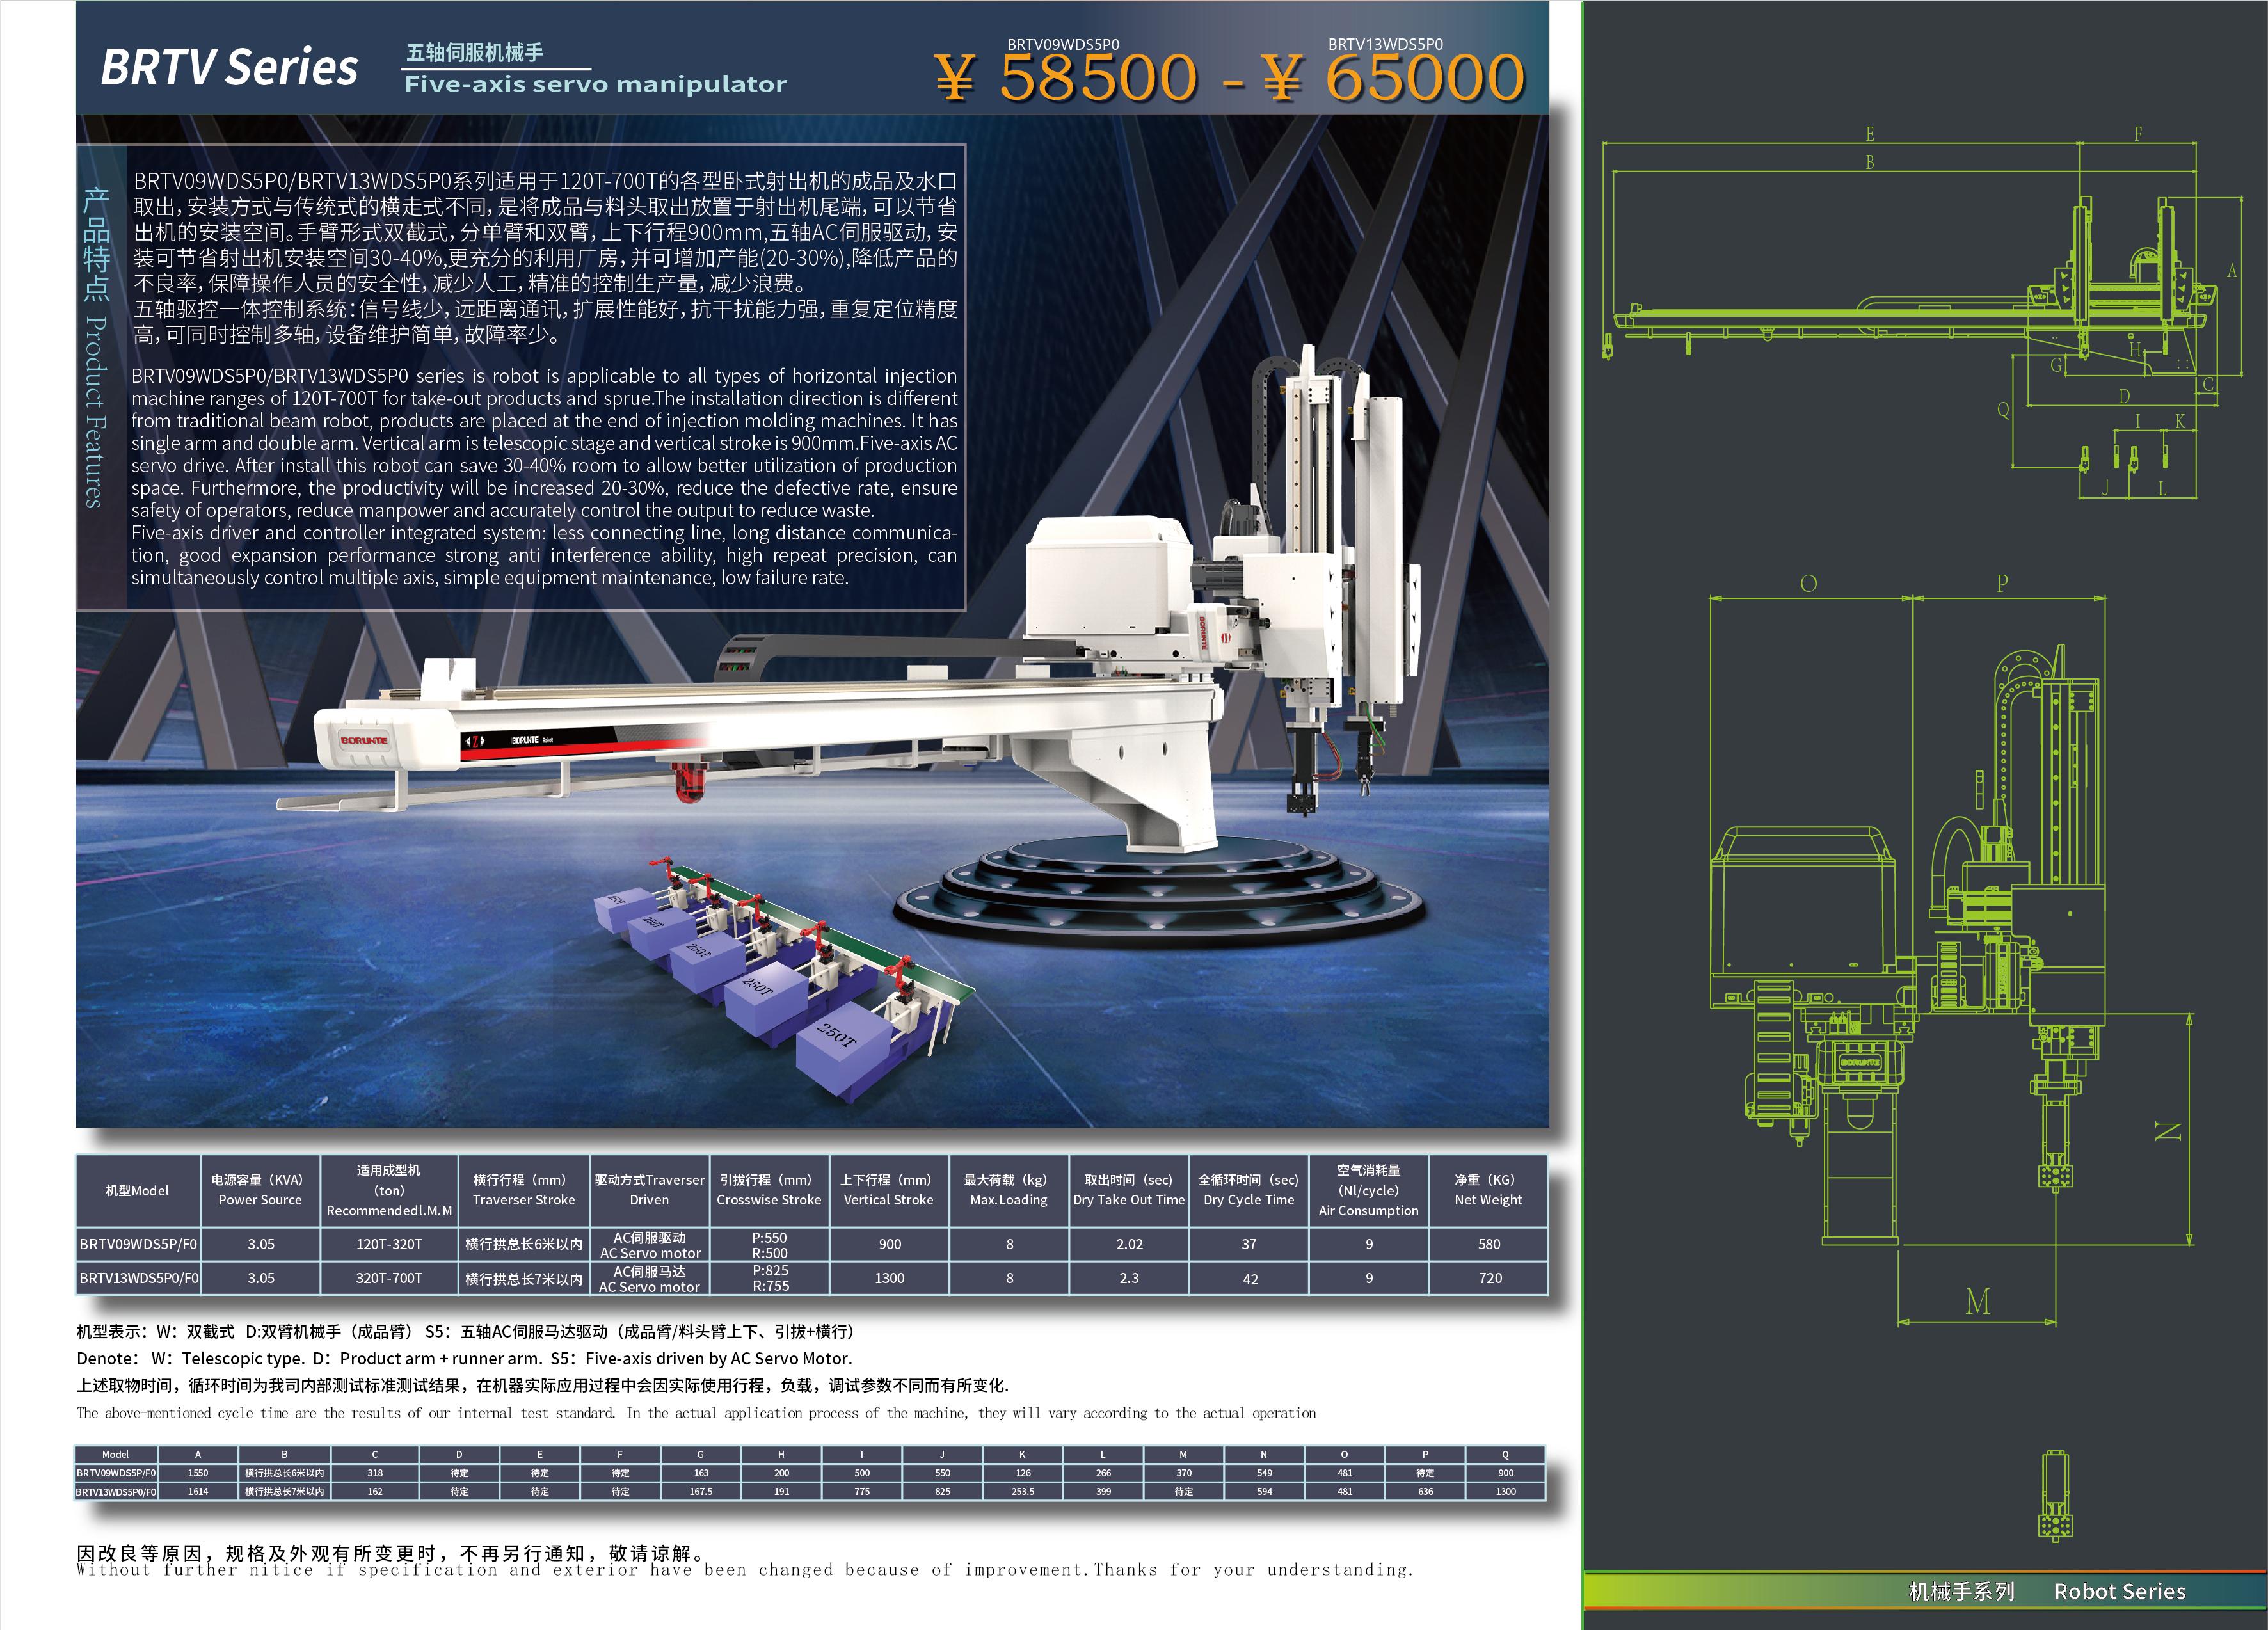 五軸伺服機械手BRTV09WDS5P0.jpg